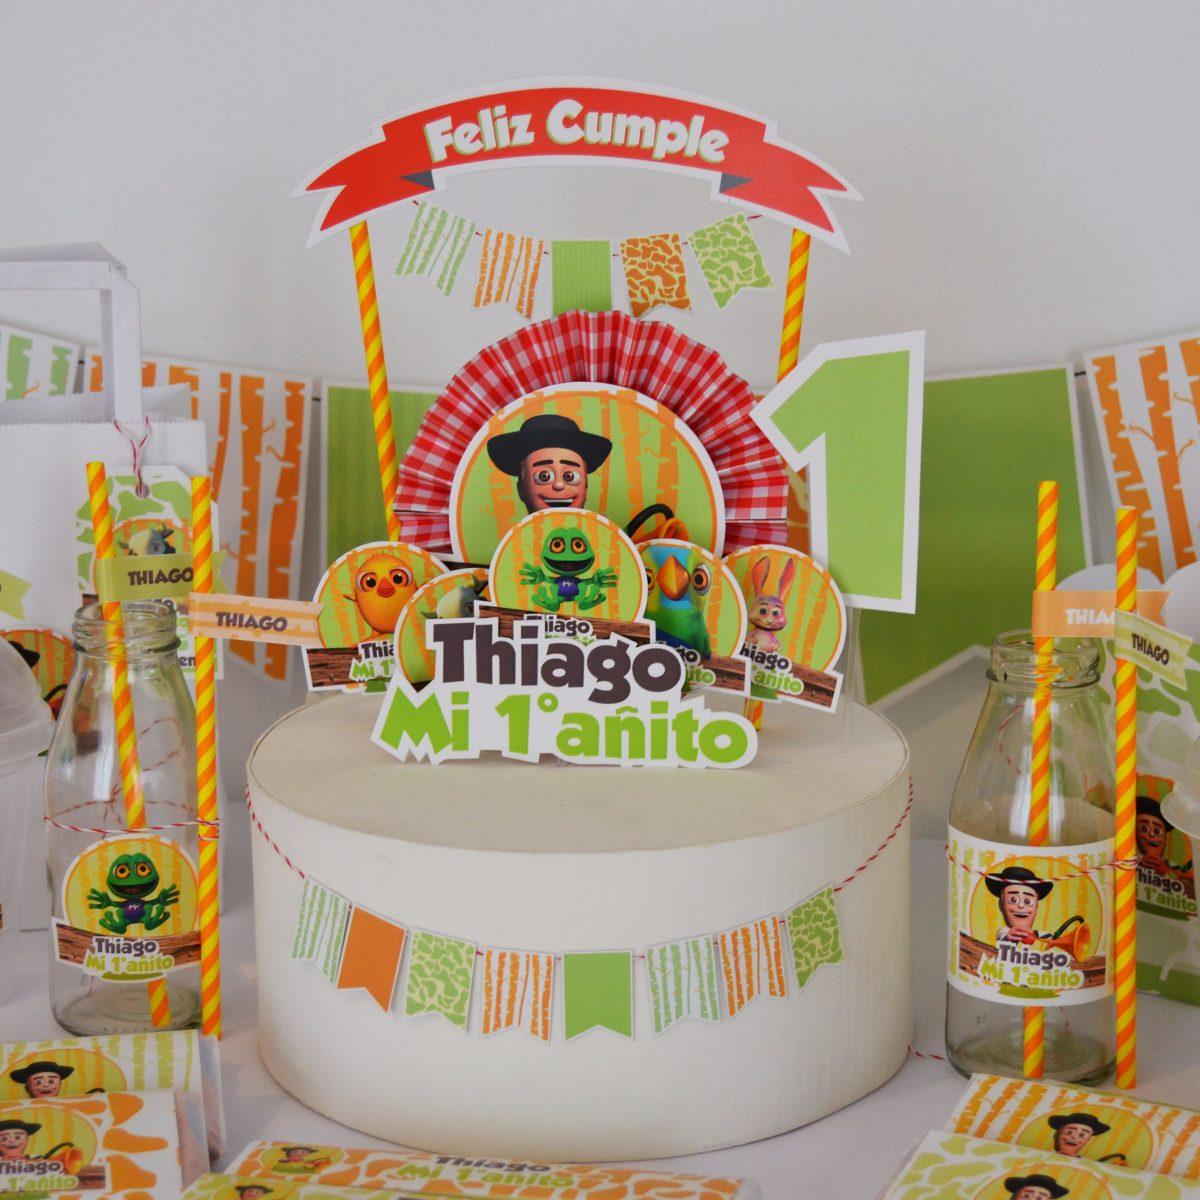 Kit Imprimible Canciones De La Granja De Zenon 330 00 En Mercado